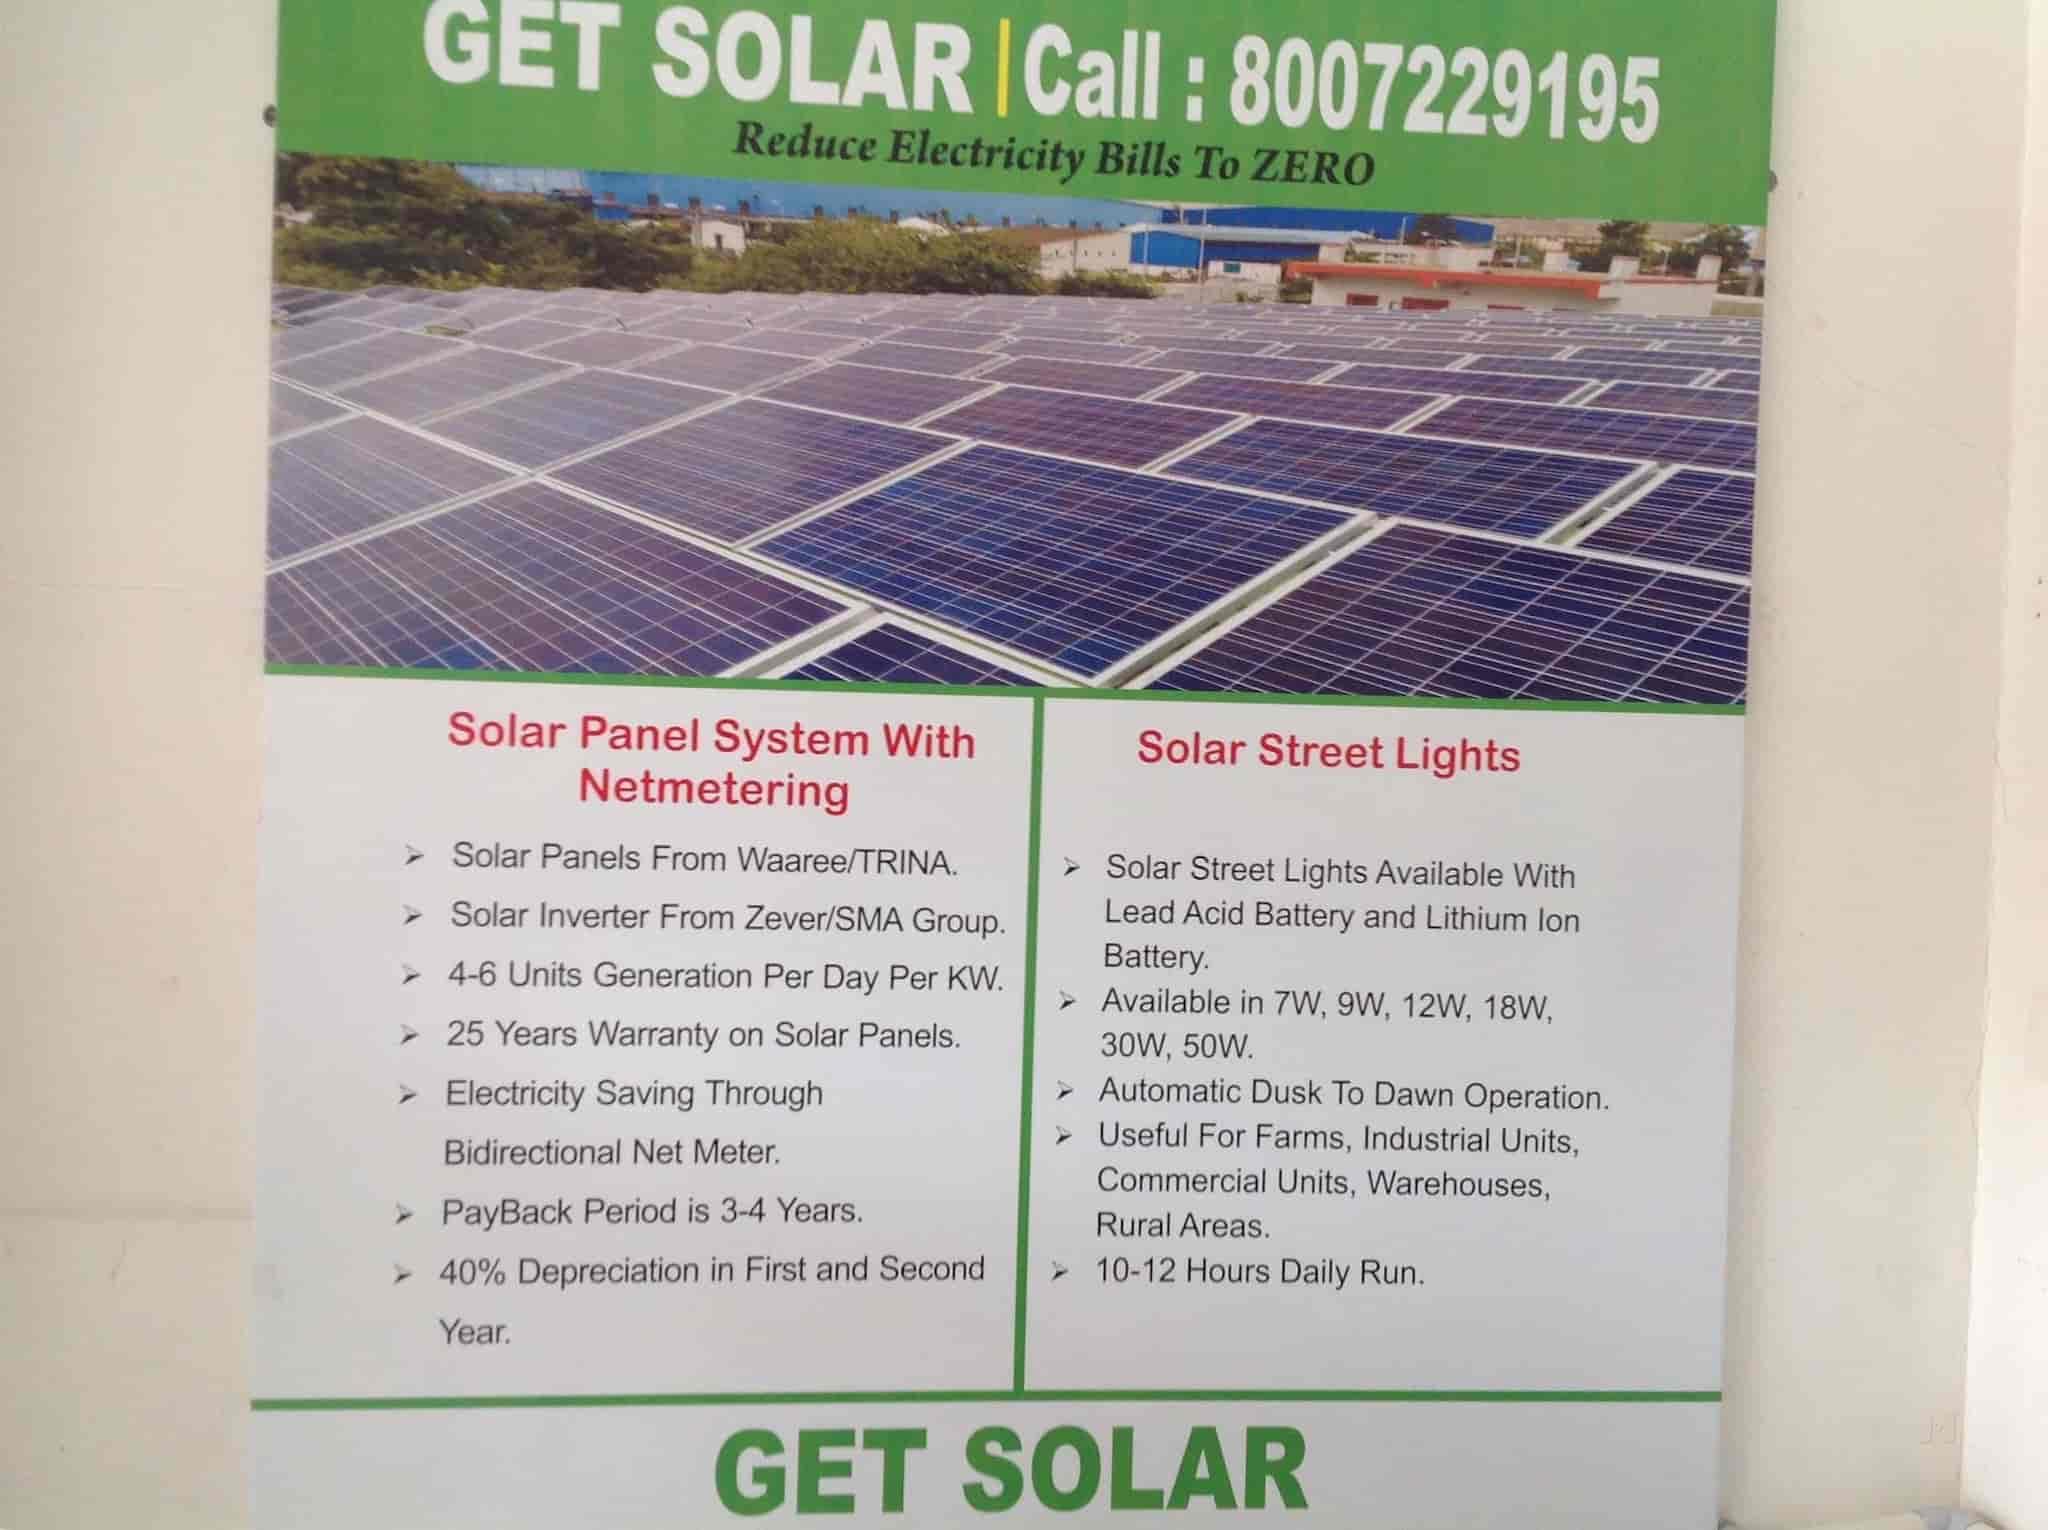 Get Solar - Bosch Solar Dealer, Indira Nagar Nashik - Solar